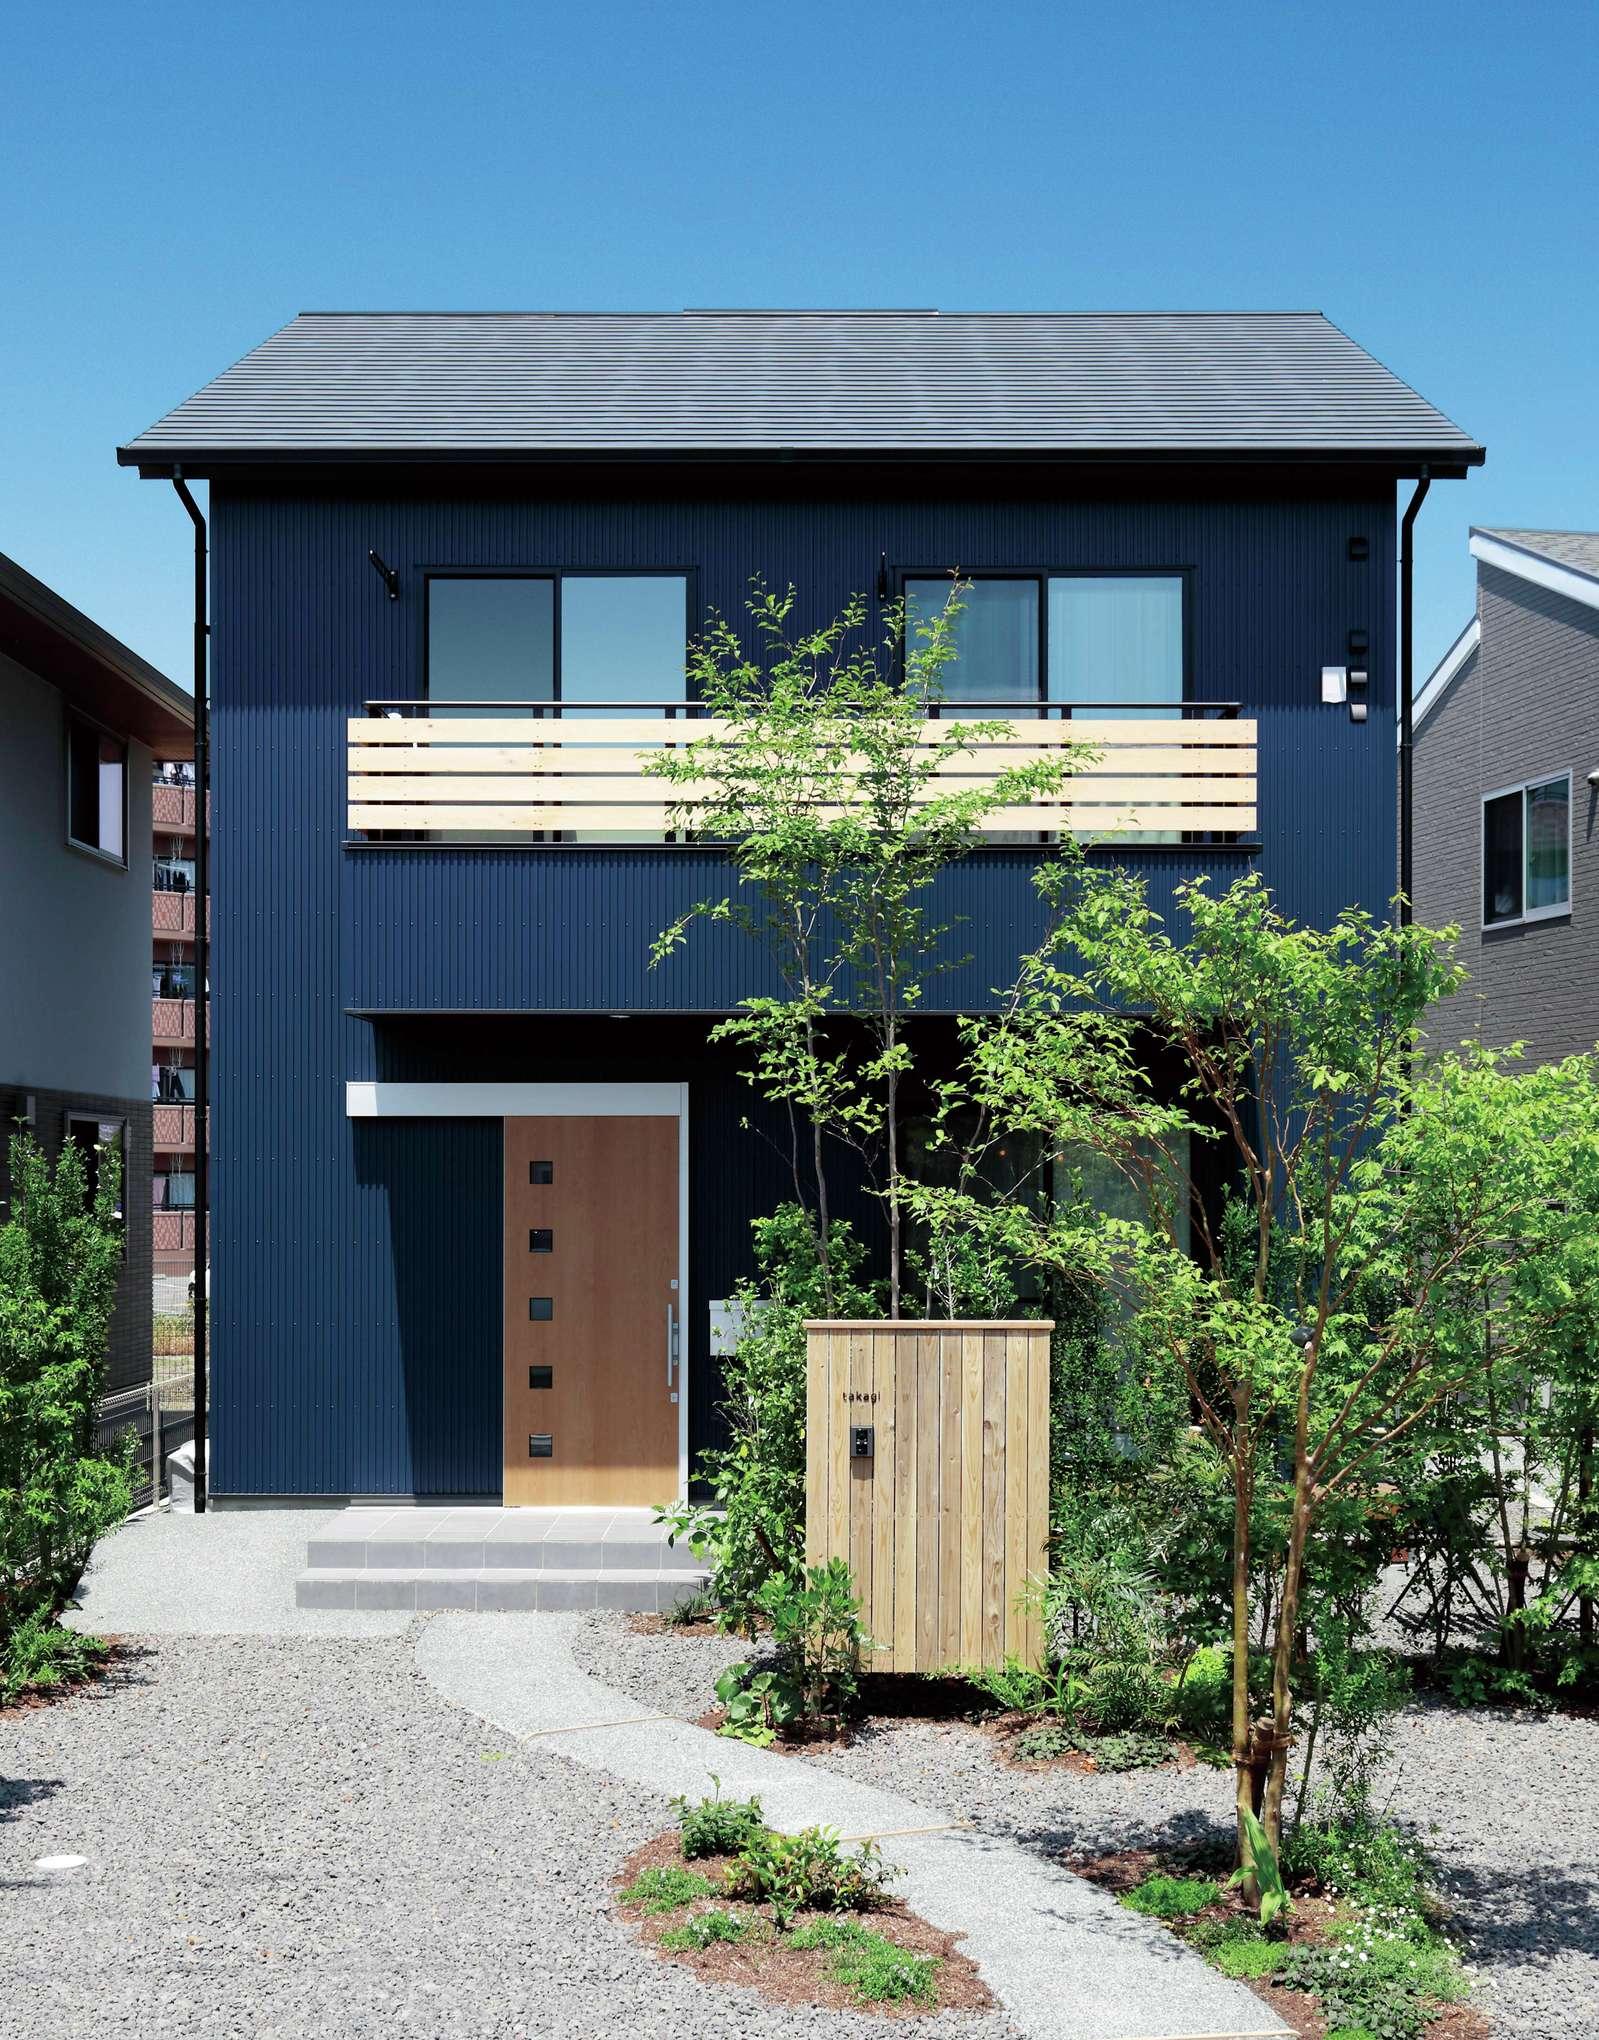 フジモクの家(富士木材)【デザイン住宅、収納力、自然素材】閑静な住宅地にしっくり溶け込んだ和モダンスタイルの外観。ゆるかなカーブを描く石畳のアプローチが家族をあたたかく迎えてくれる